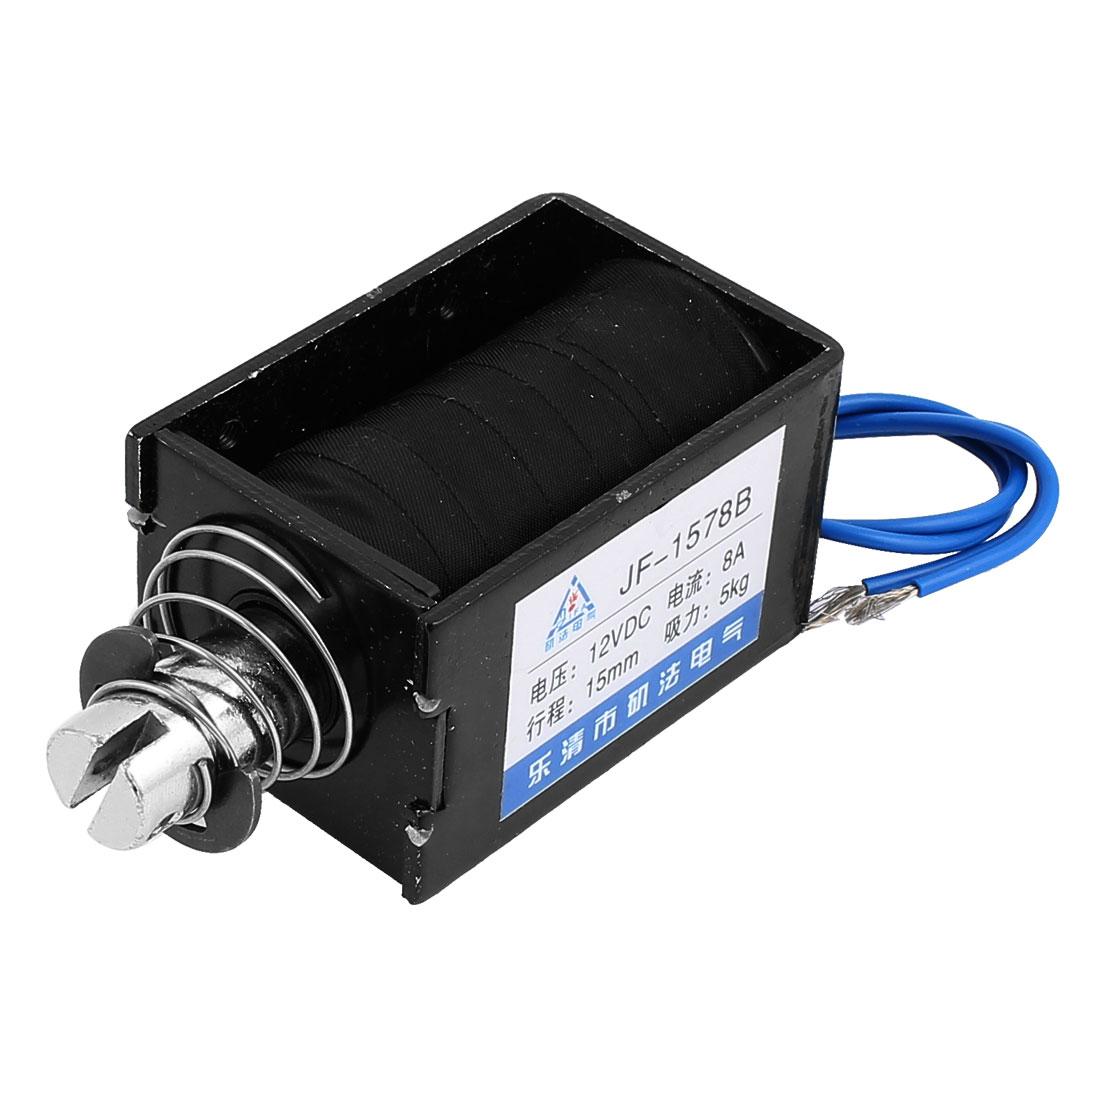 JF-1578B DC12V 8A 15mm 5Kg Push Pull Type DIY DC Solenoid Electromagnet Magnet